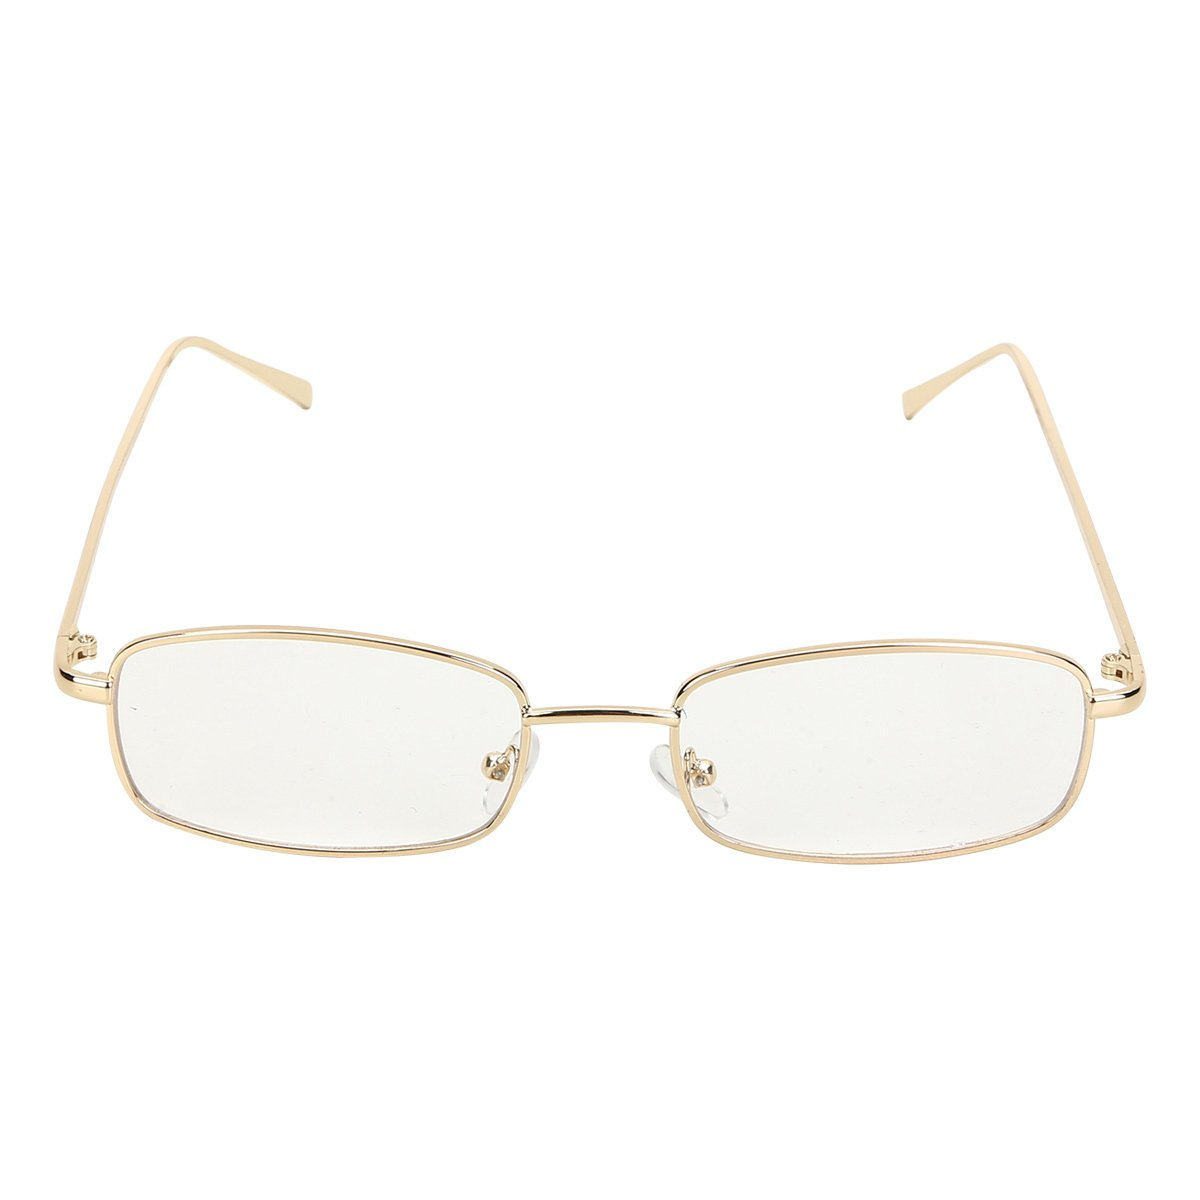 4a5532cdf Armação para Óculos de Grau King One HT0015